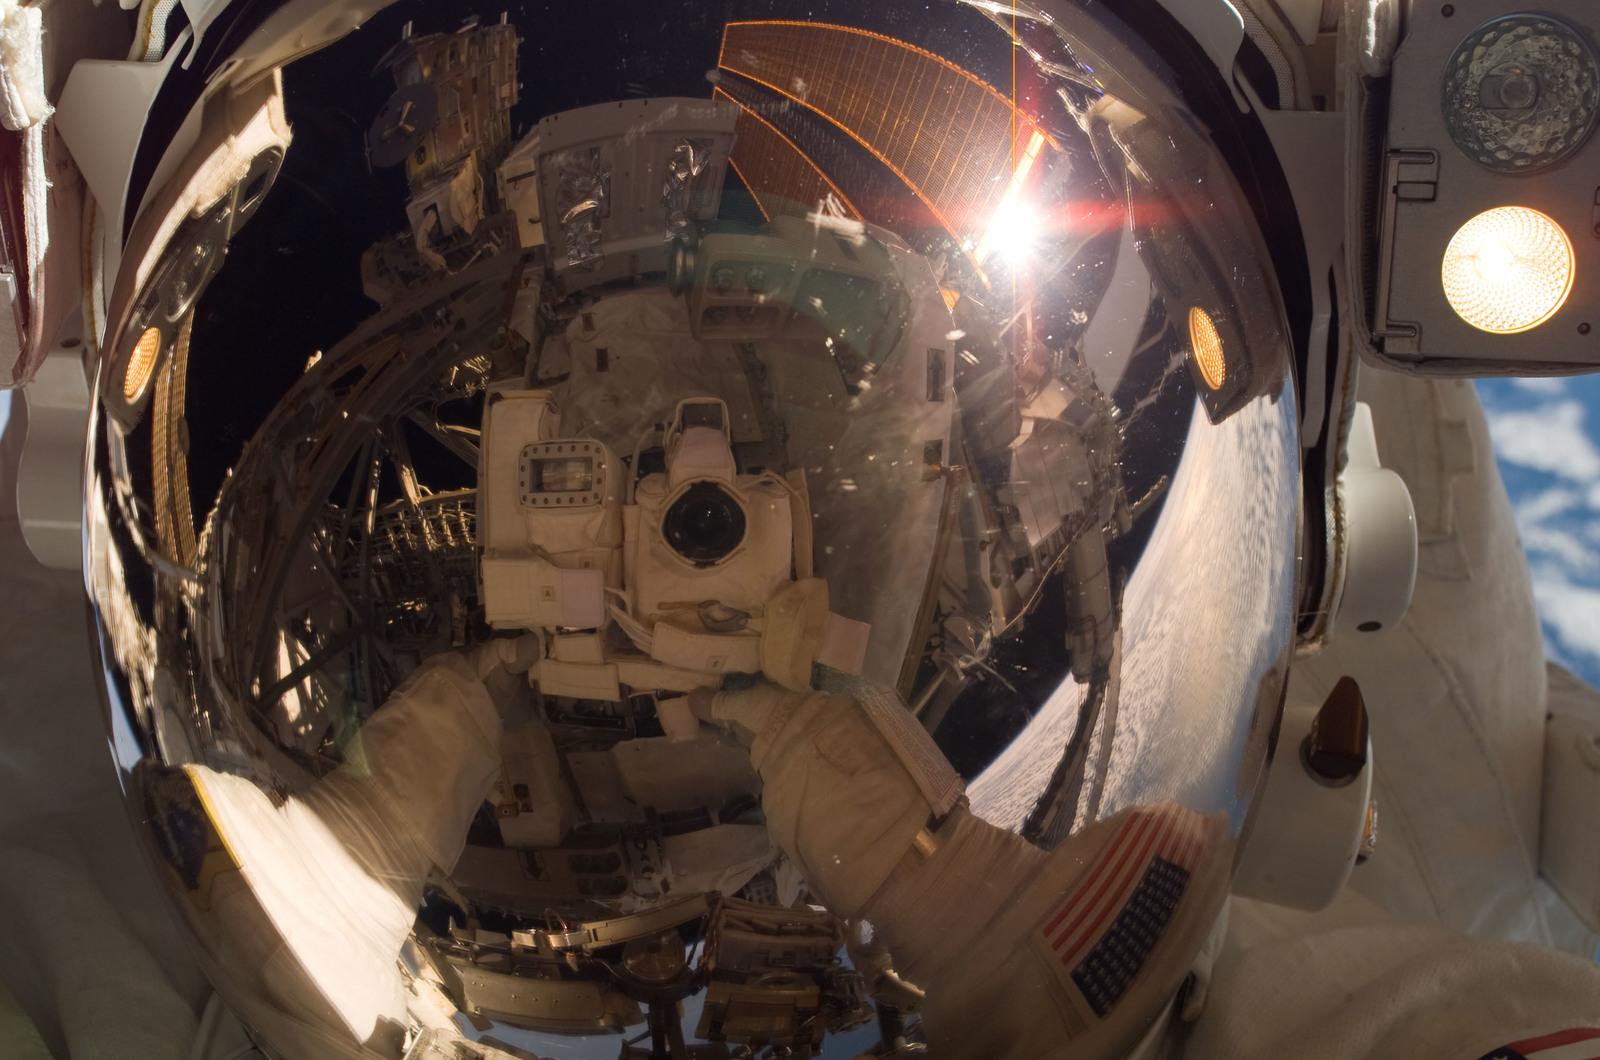 S120E008273 - STS-120 - EVA3 - Parazynski